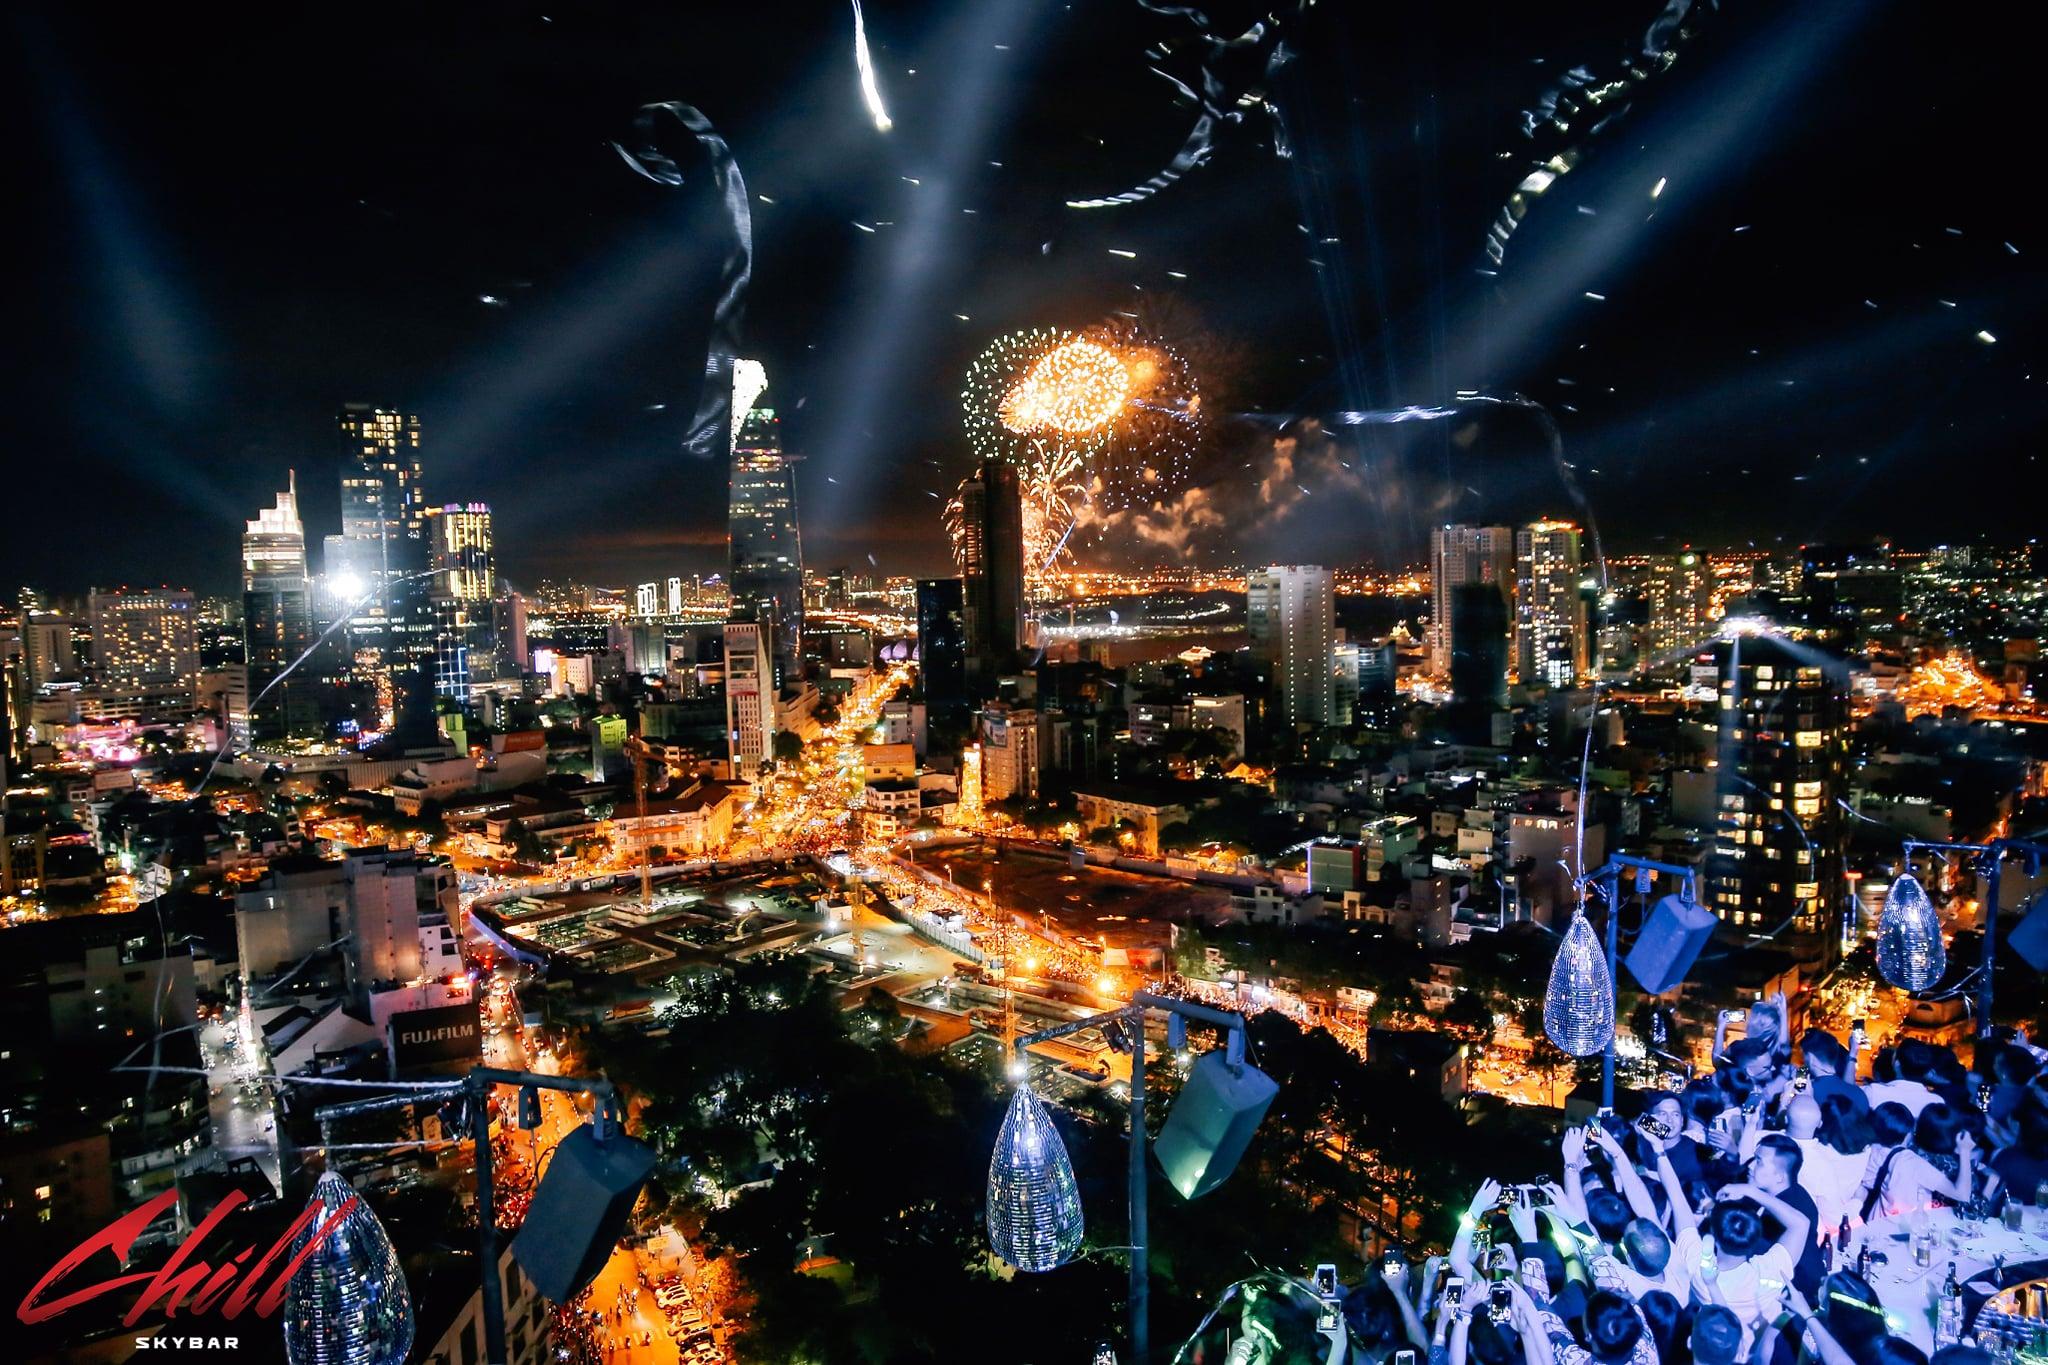 Lưu trọn khoảnh khắc chào năm mới với 15 quán cafe bar view đẹp ngắm pháo hoa  - Ảnh 3.